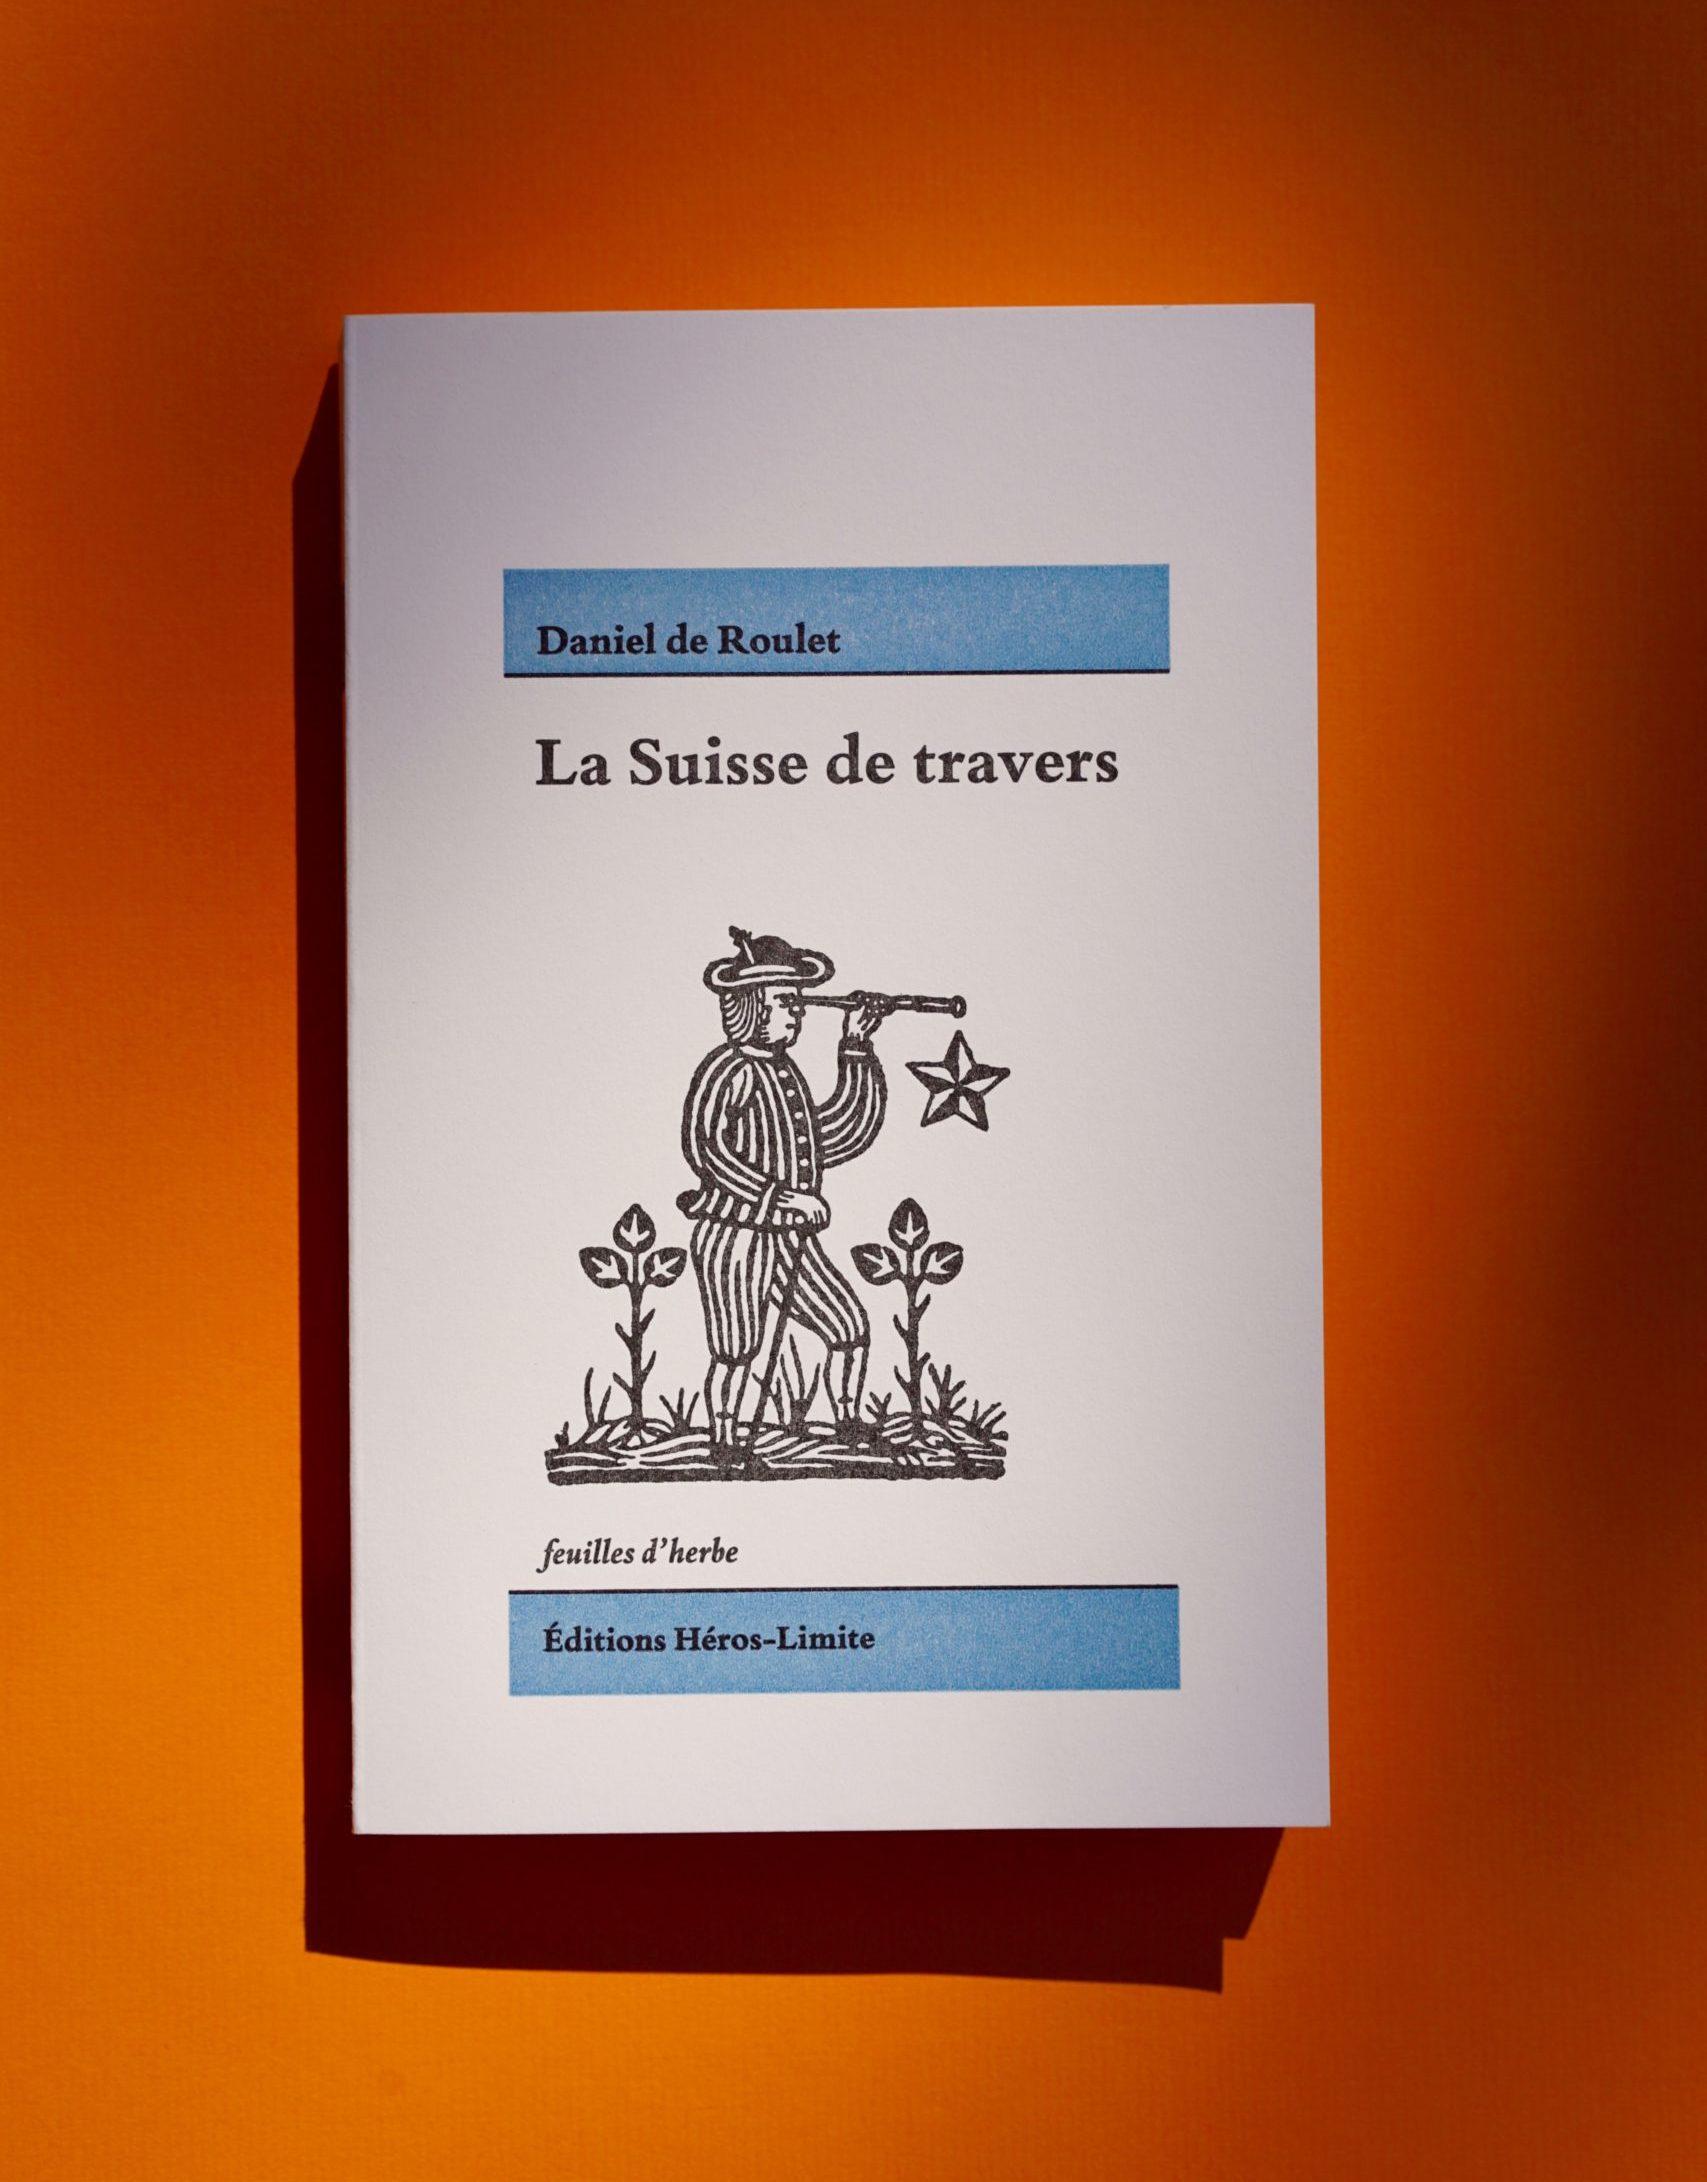 D. de Roulet, La Suisse de travers